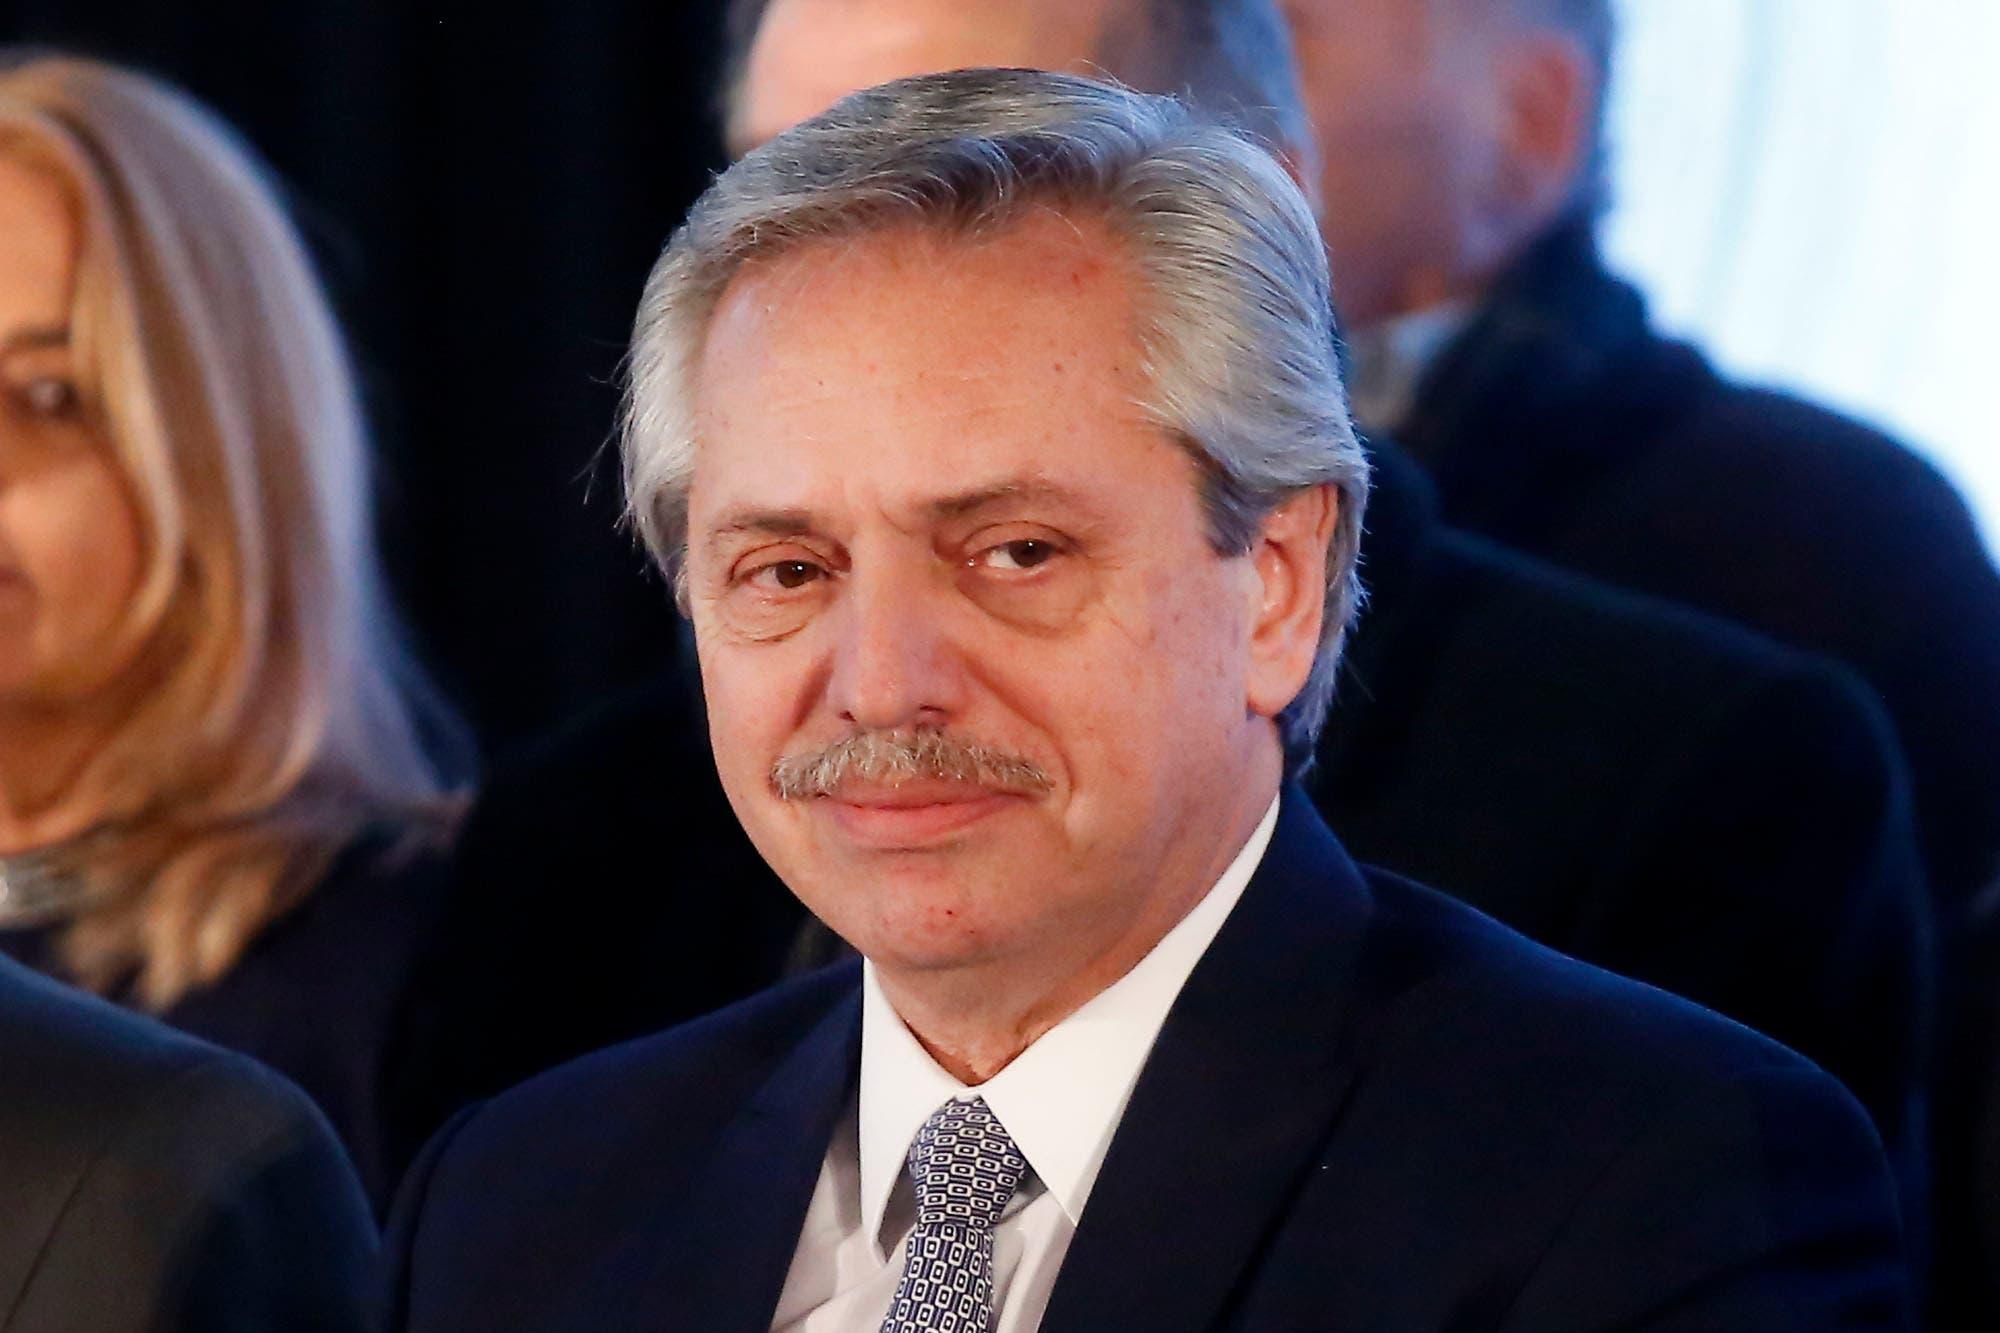 Con Cristina fuera del país, Alberto Fernández desembarca en el Senado